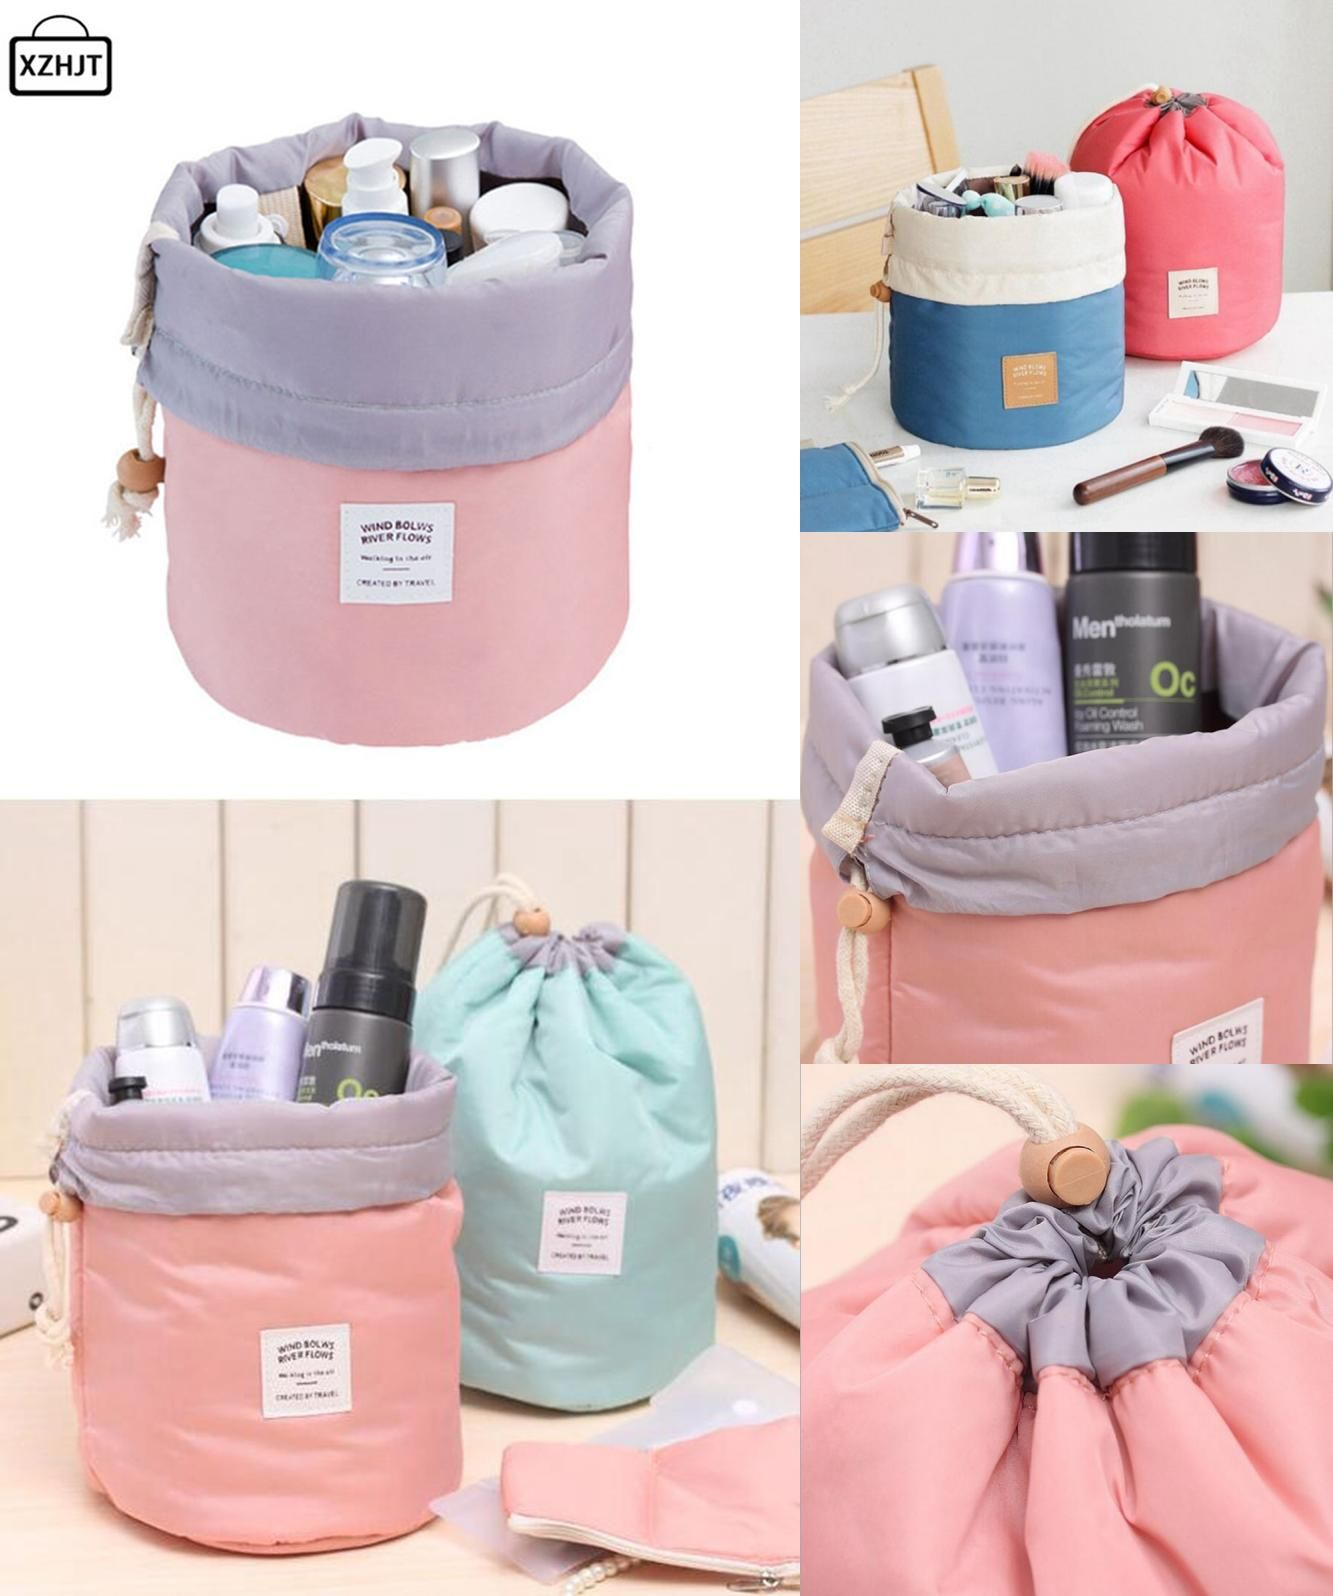 8e259b8742  Visit to Buy  XZHJT Fashion Barrel Shaped Travel Cosmetic Bag Make up Bag  Drawstring Elegant Drum Wash Kit Bags Makeup Organizer Storage Bag